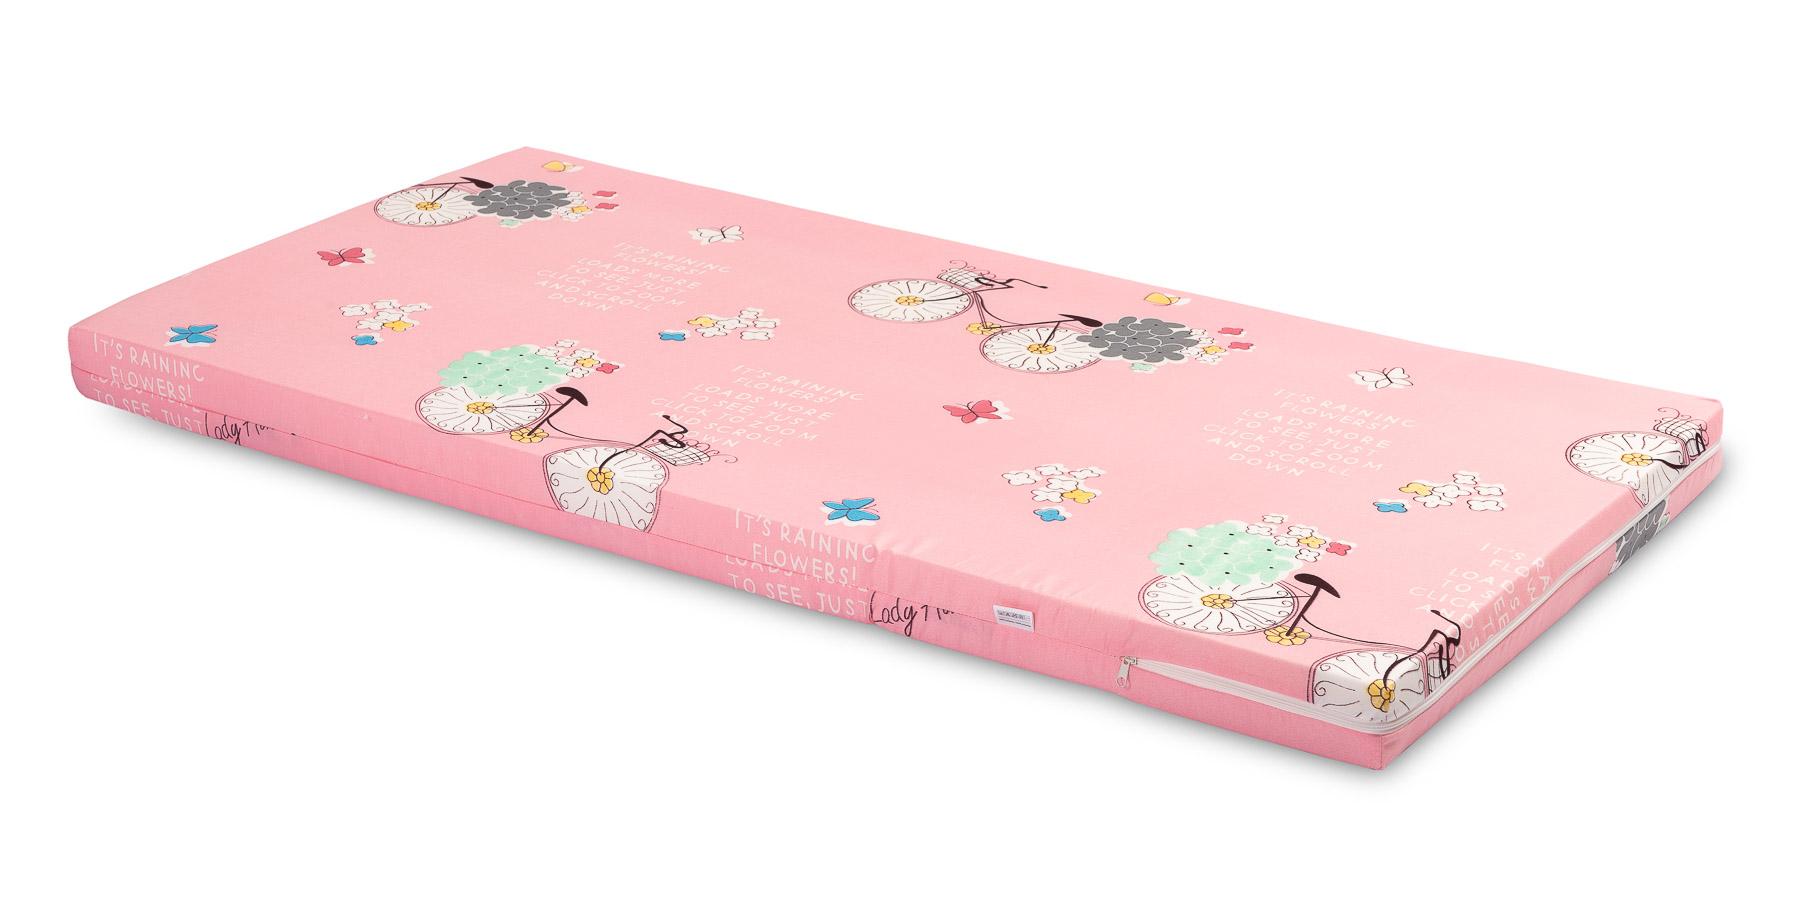 Wkład do łóżeczka- różowy rowery